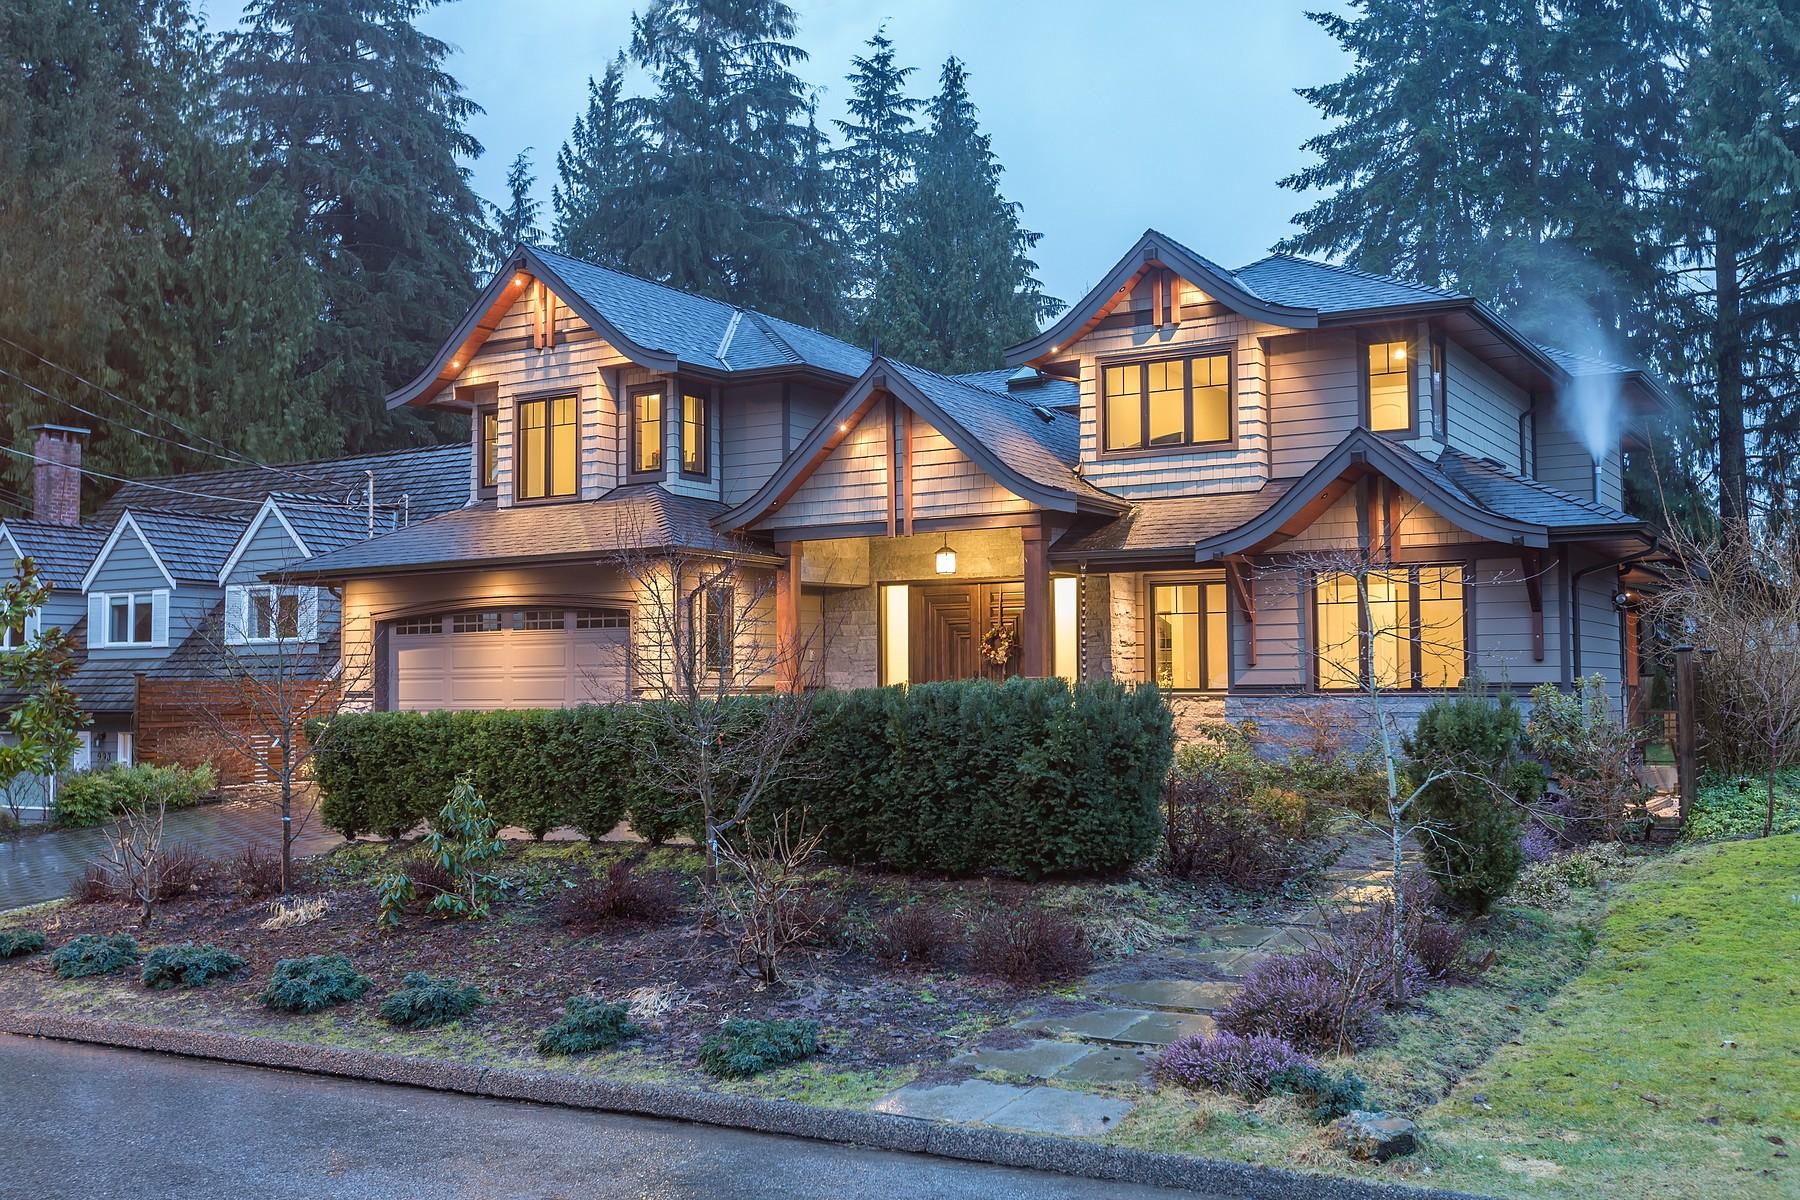 Частный односемейный дом для того Продажа на Fabulous Custom Build 1001 Prospect Avenue North Vancouver, Британская Колумбия, V7R 2M5 Канада